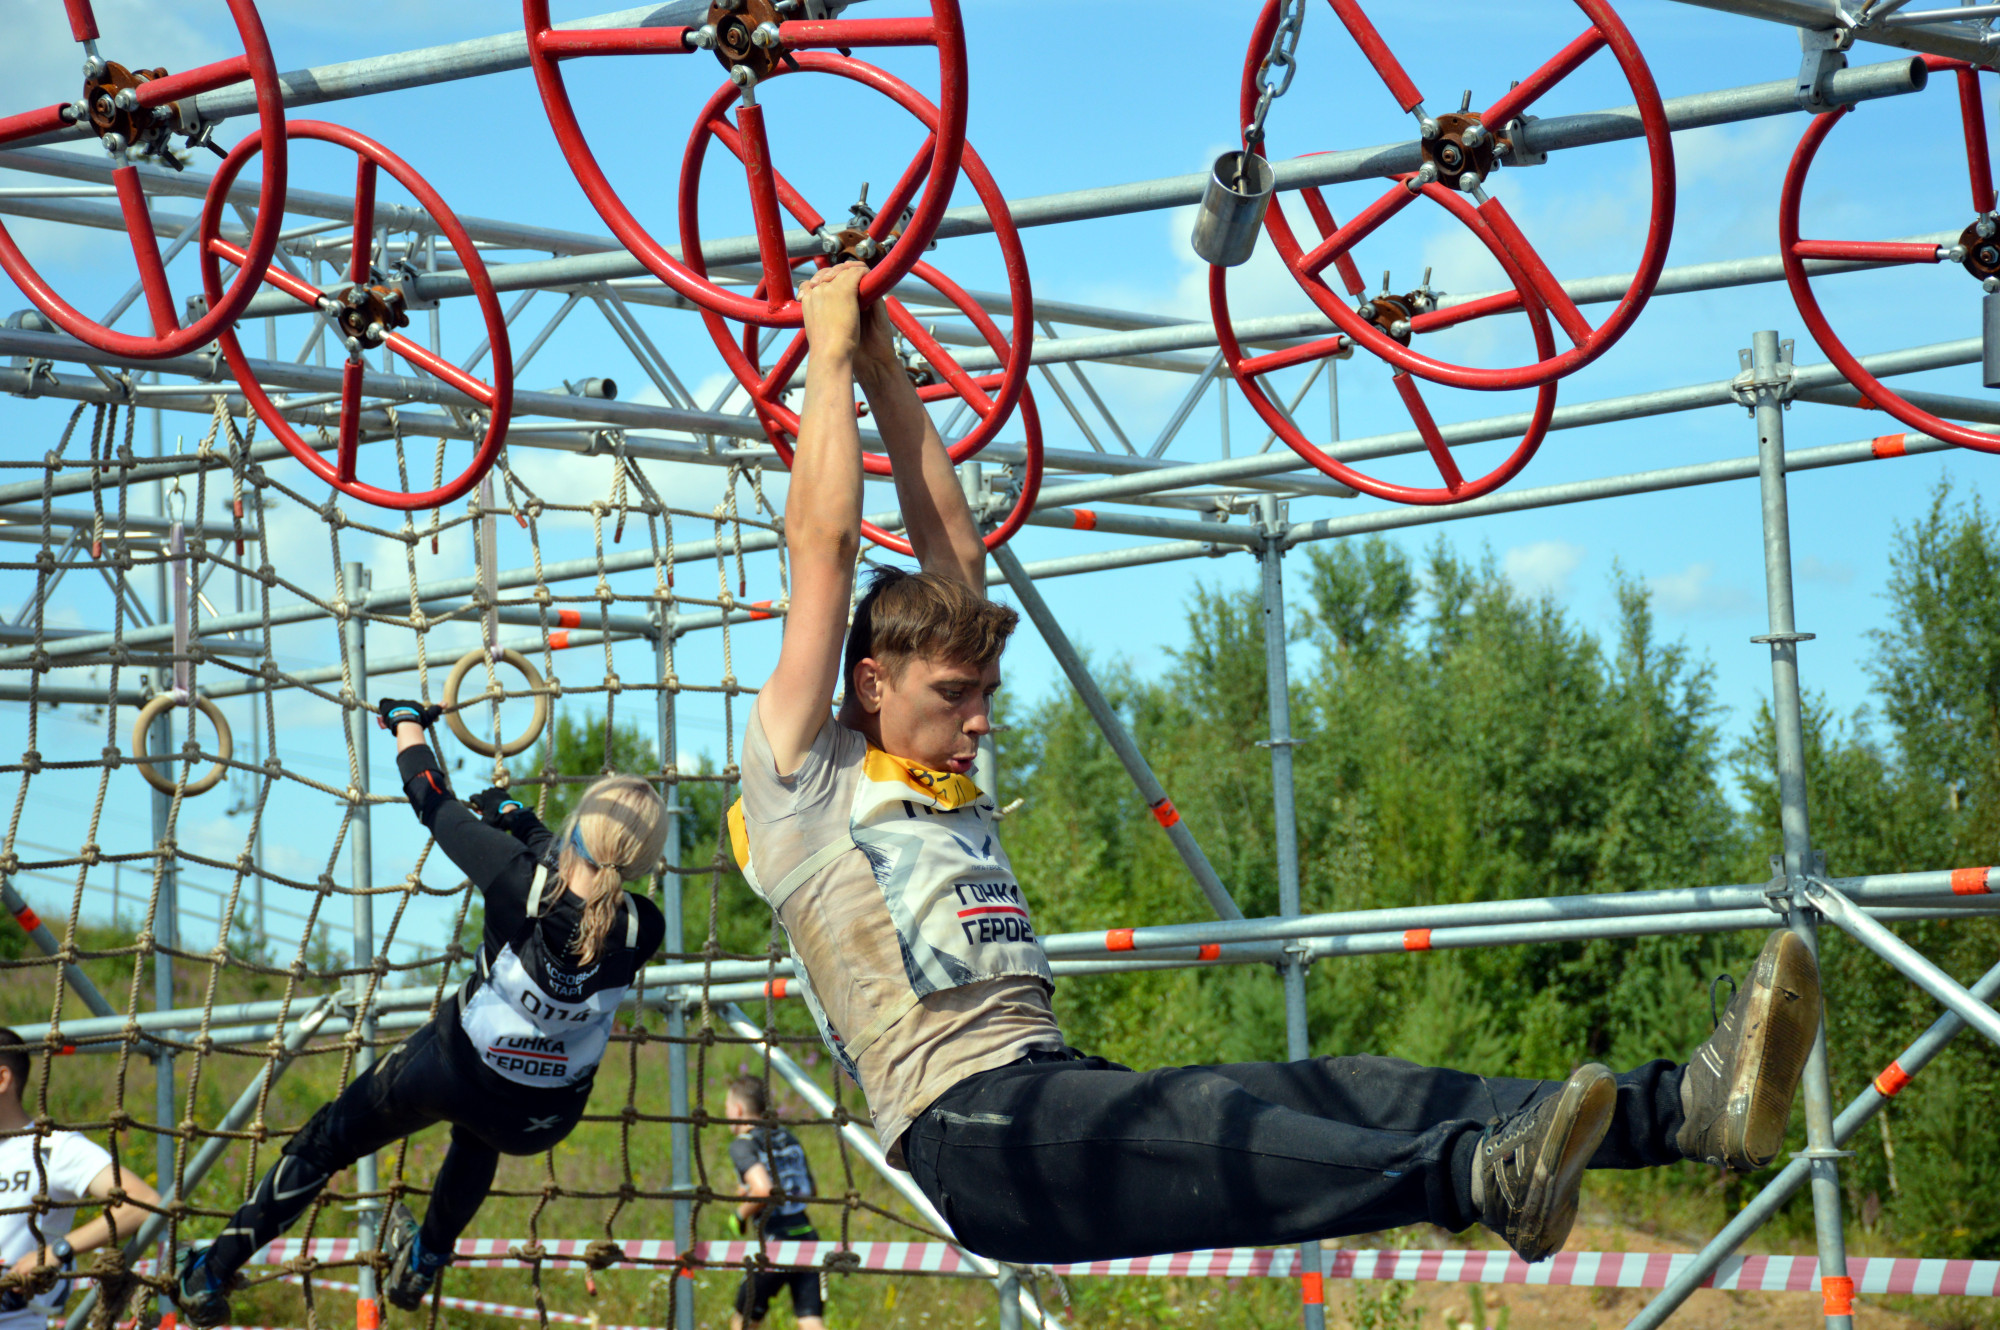 Гонка героев спорт лёгкая атлетика бег полоса препятствий